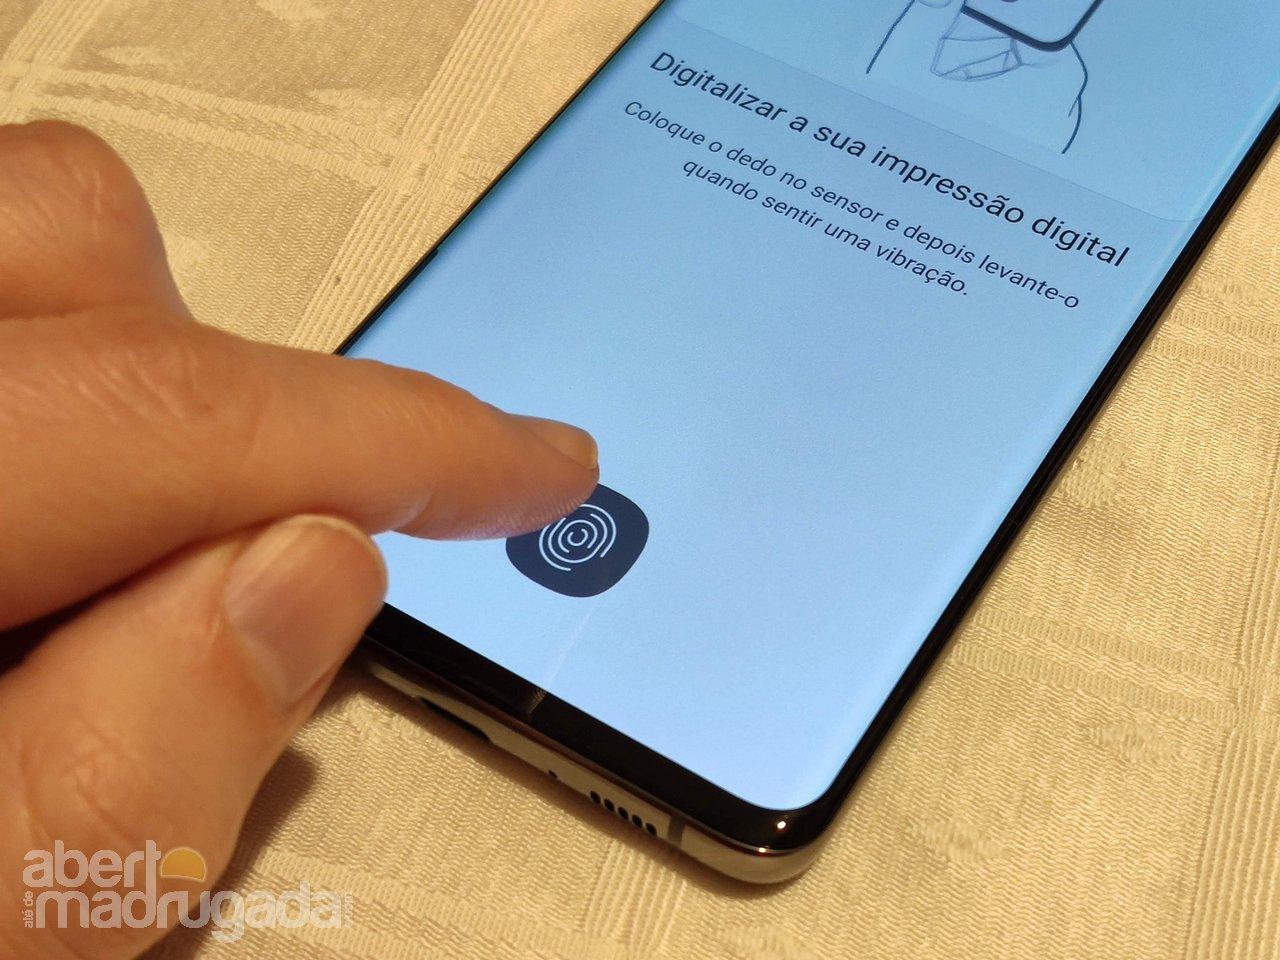 Sensor ultrasónico do Galaxy S10 enganado por impressão 3D